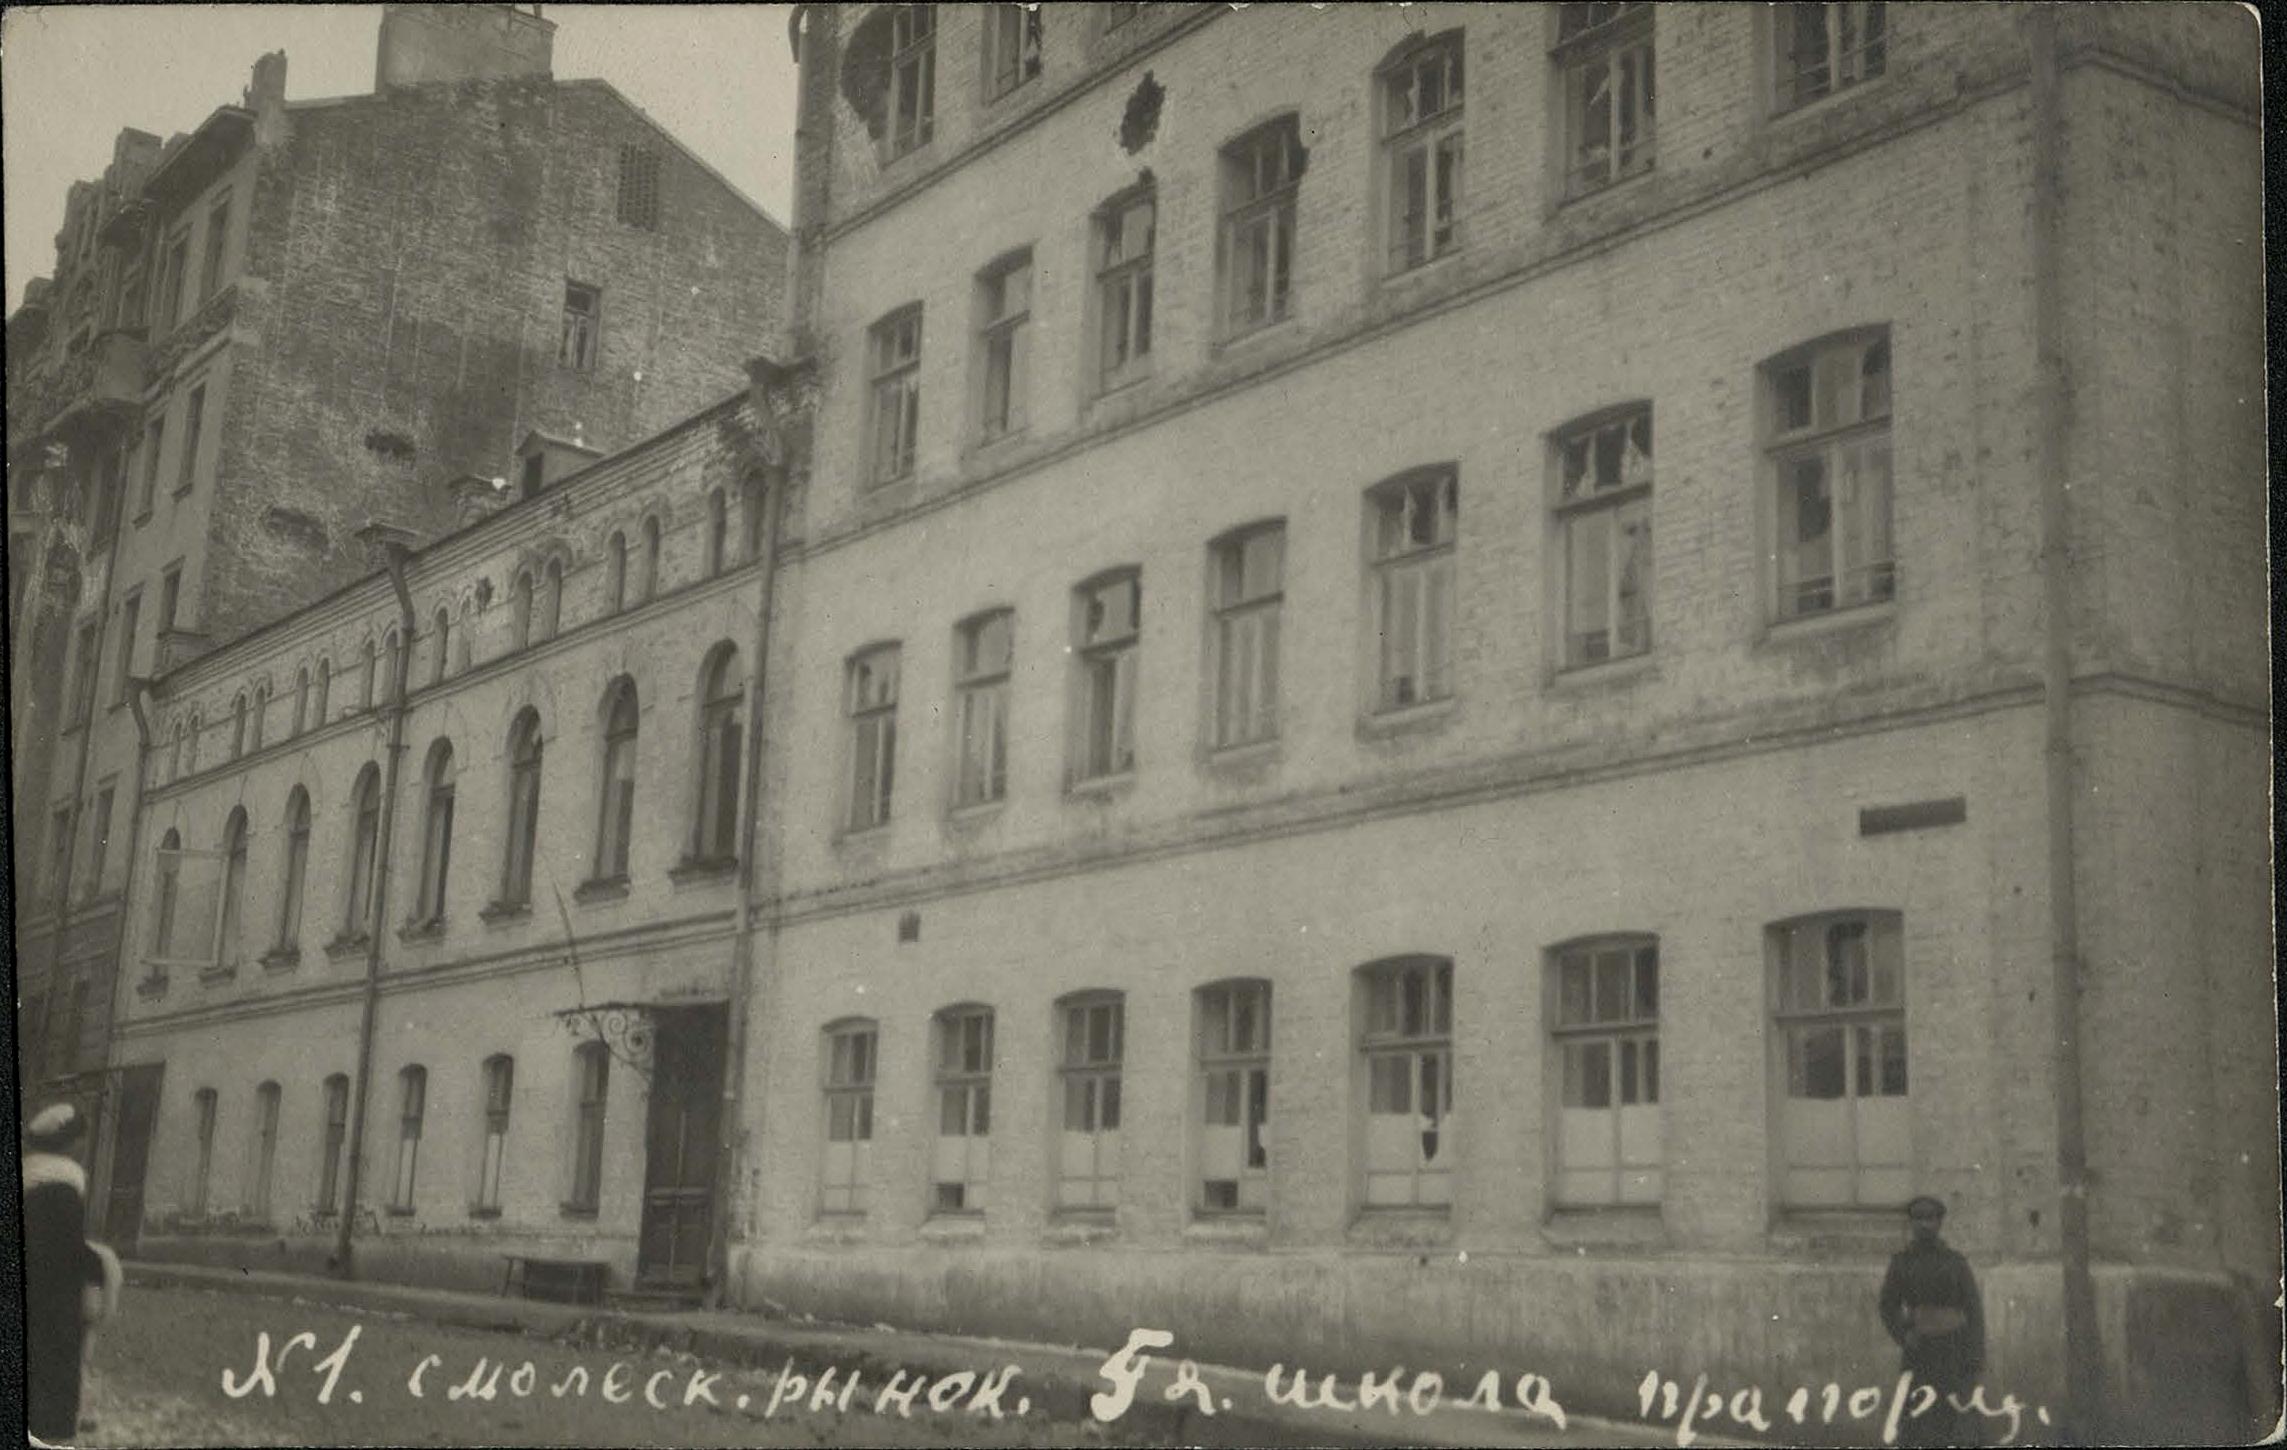 Смоленский рынок. 5-я школа прапорщиков (северный фасад)